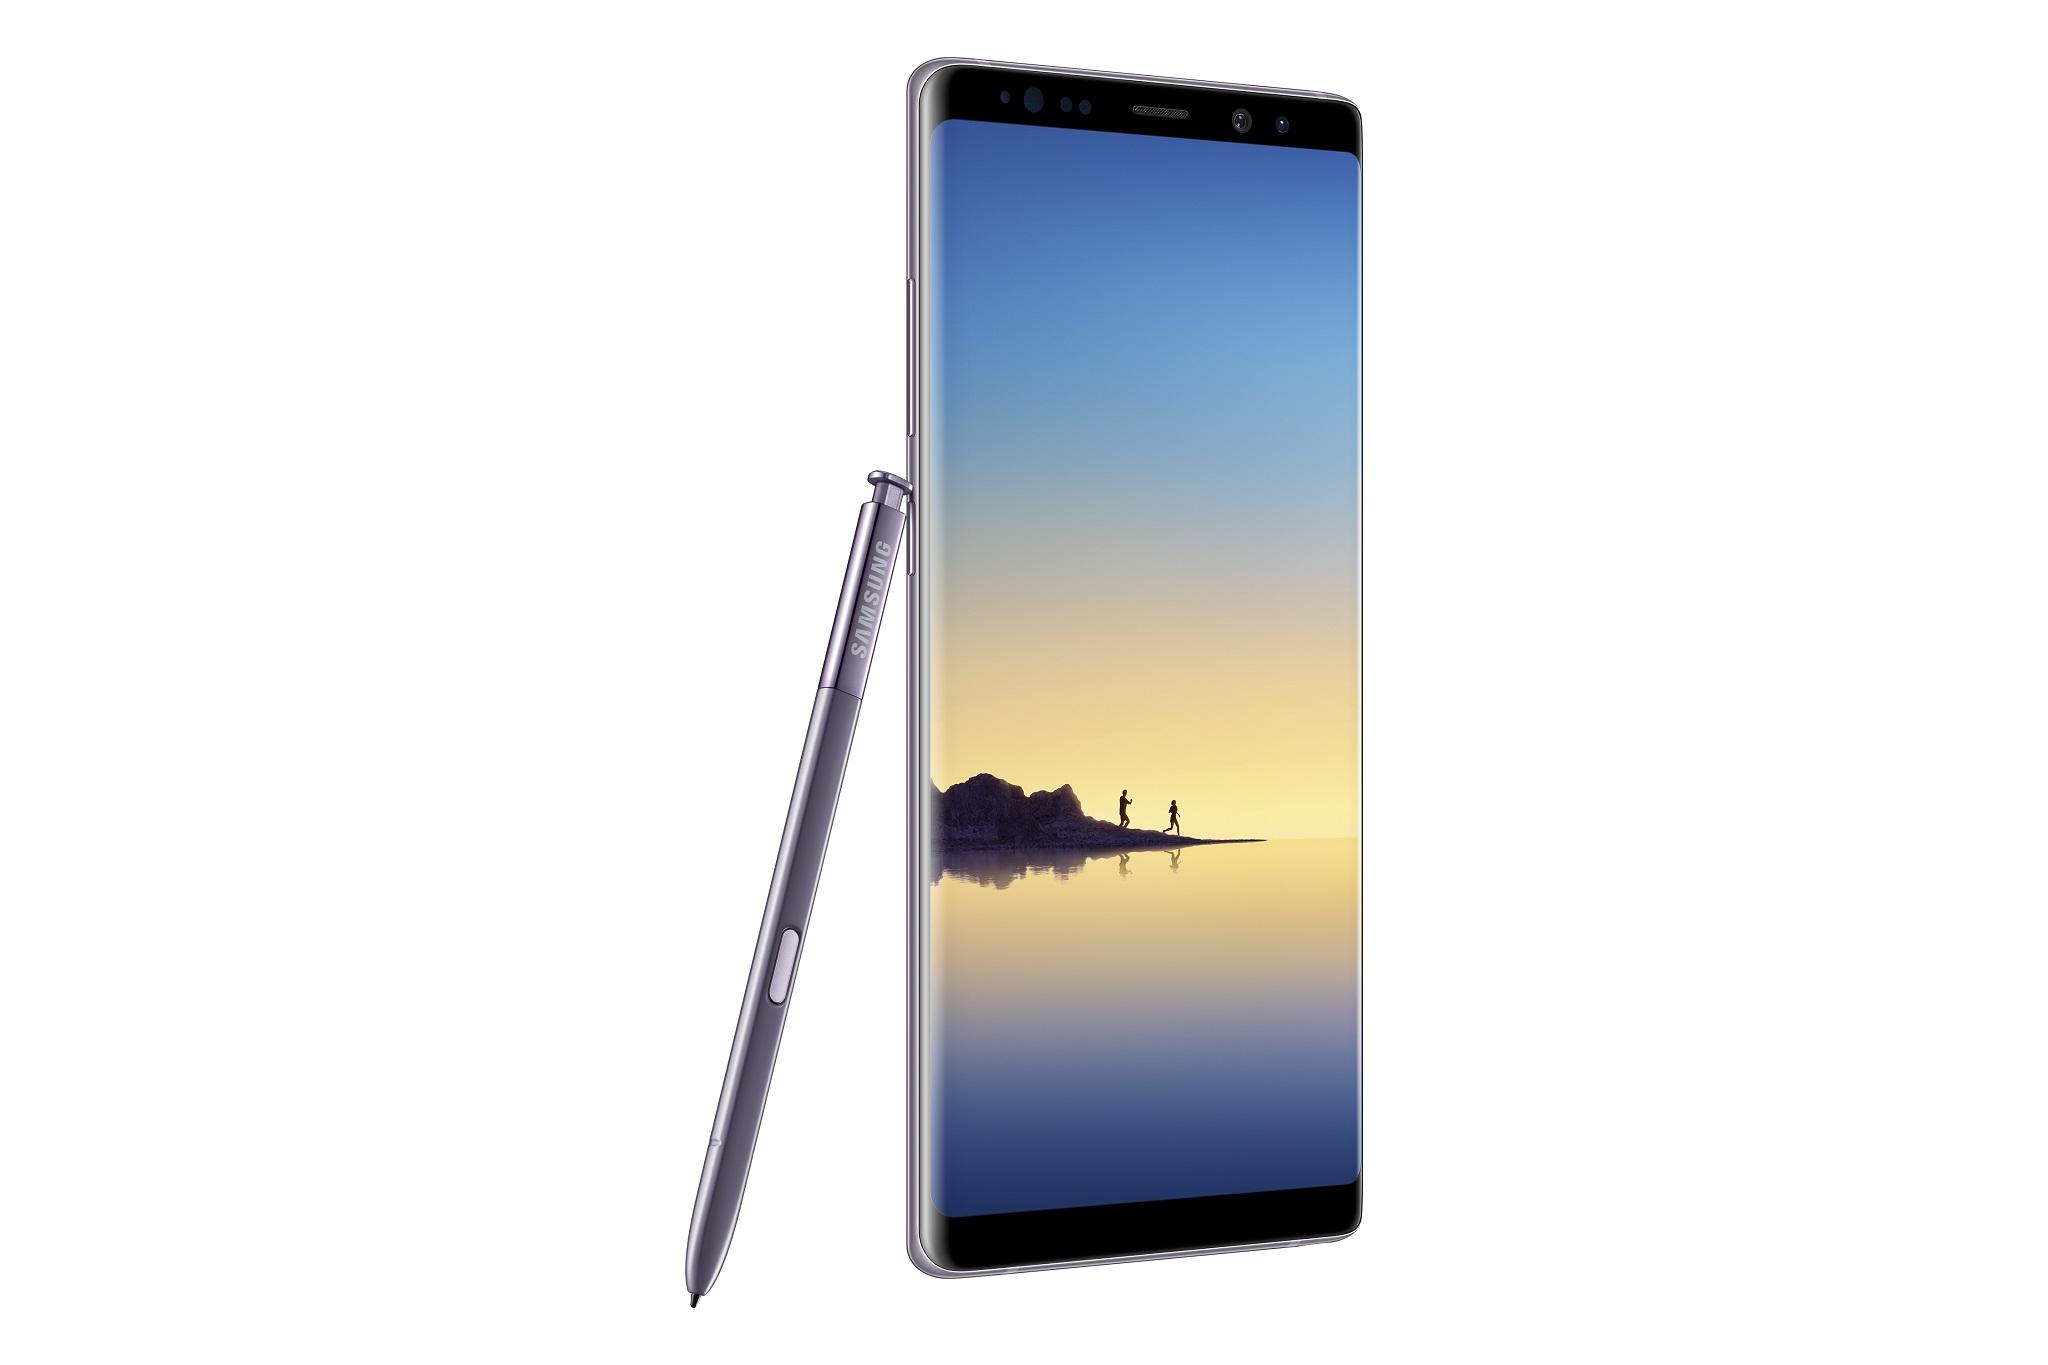 Samsung chính thức ra mắt Galaxy Note8 tím khói tại Việt Nam, giá không đổi hình 3